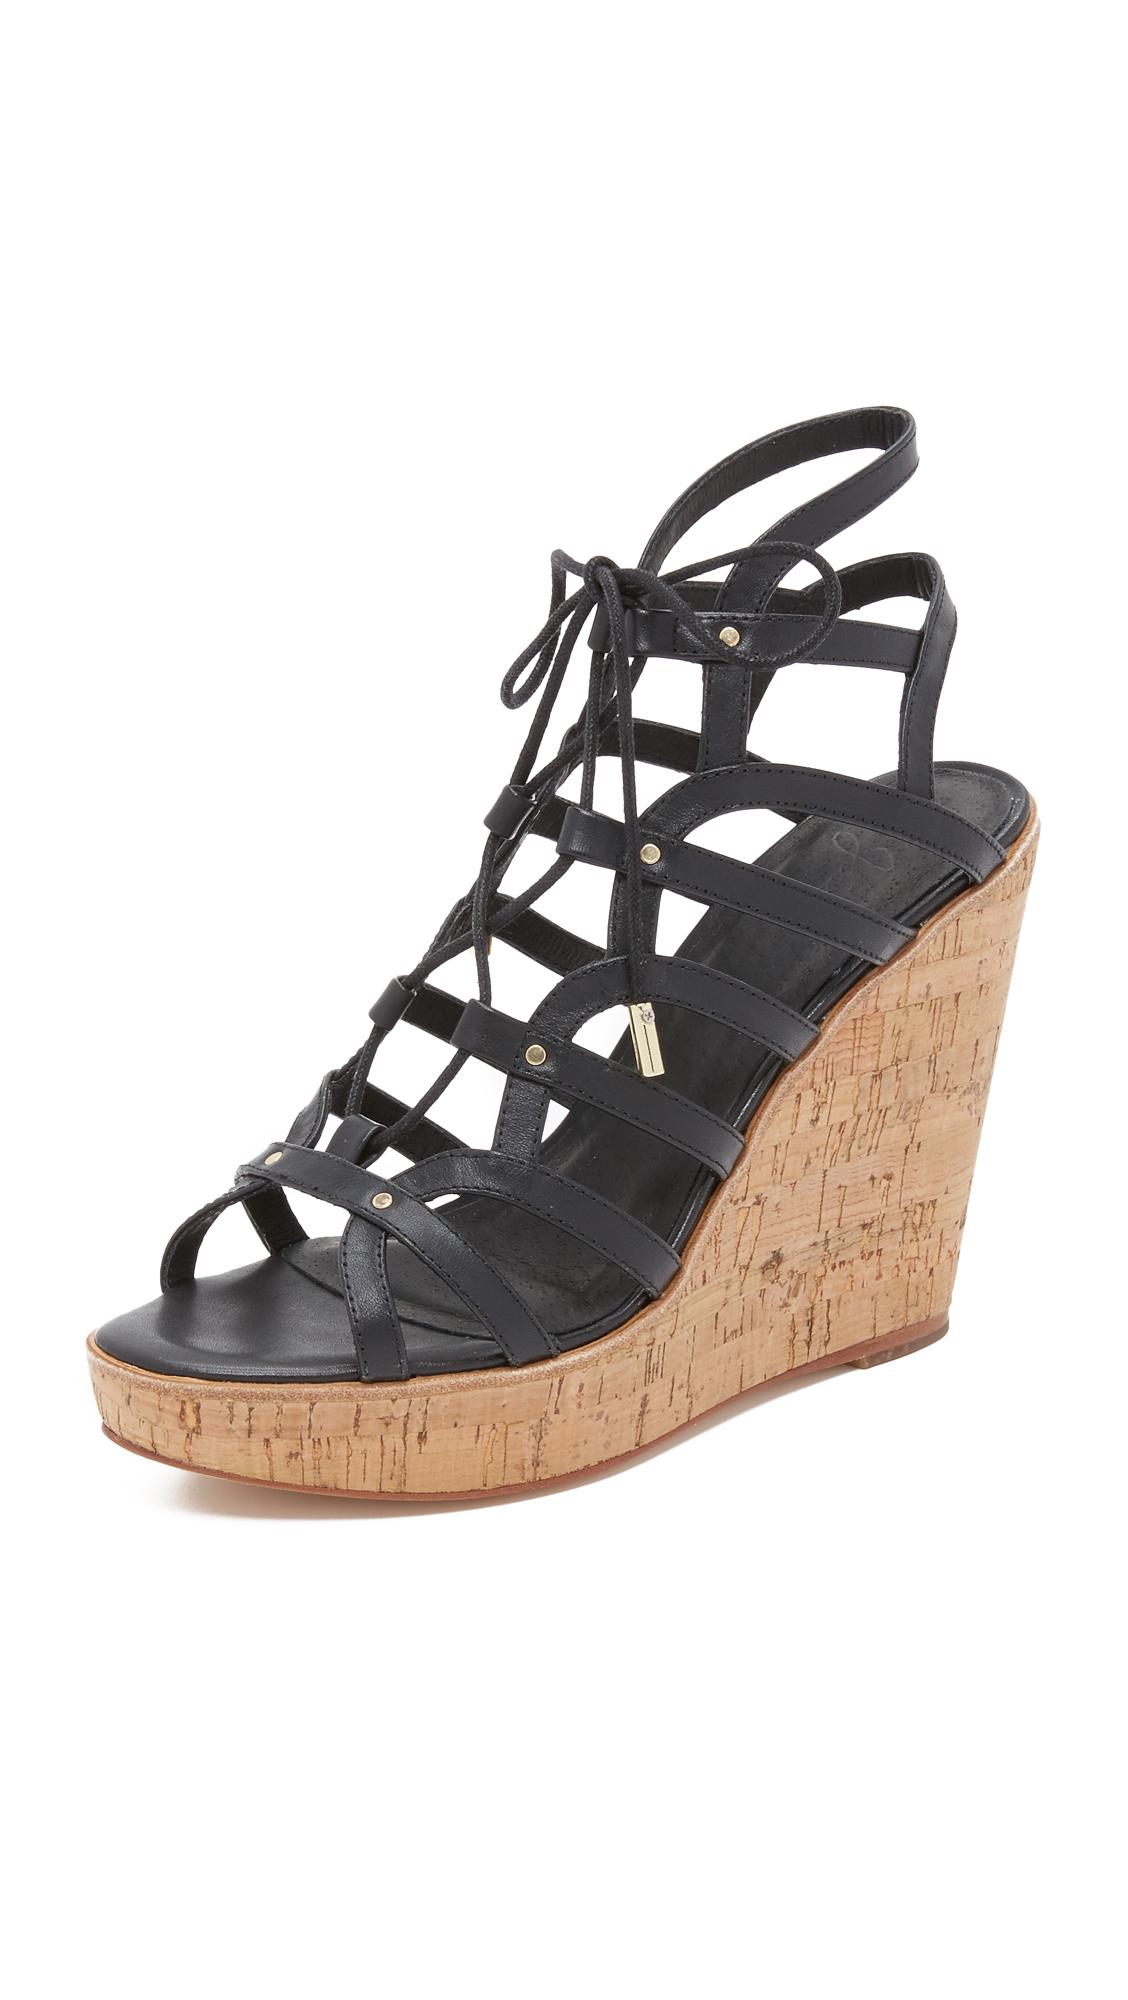 dba2ff17169 Joie Larissa Wedge Sandals